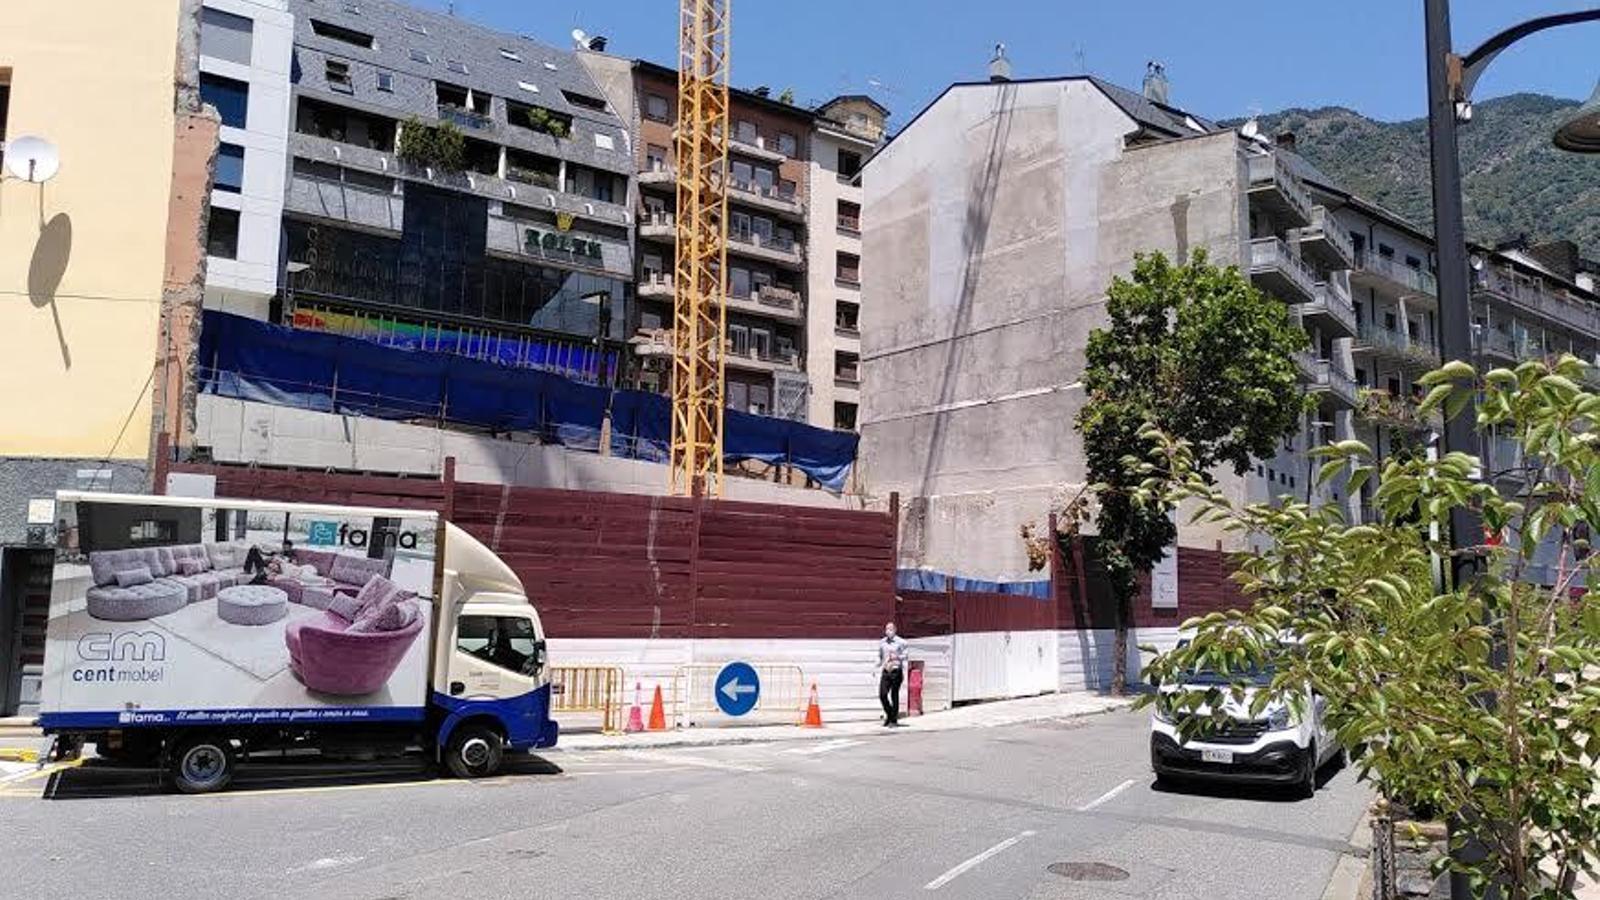 El Grup Cierco projecta un macroedifici en aquest solar, vist des del carrer Prat de la Creu